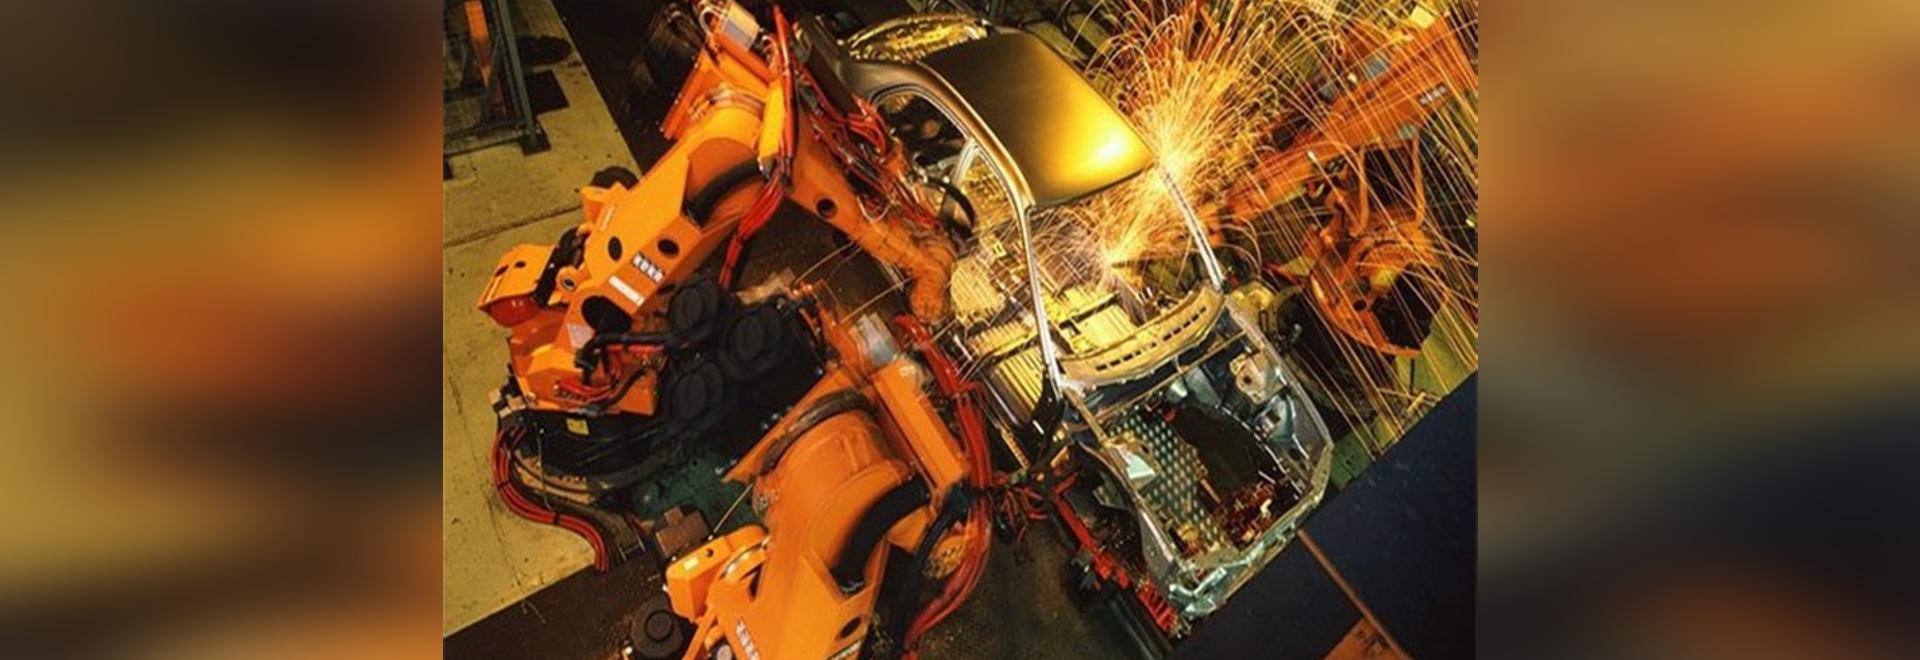 HANS GS-Laser-Schweißen und Laserschnitt helfen der Realisierung des leichten Fahrzeugs